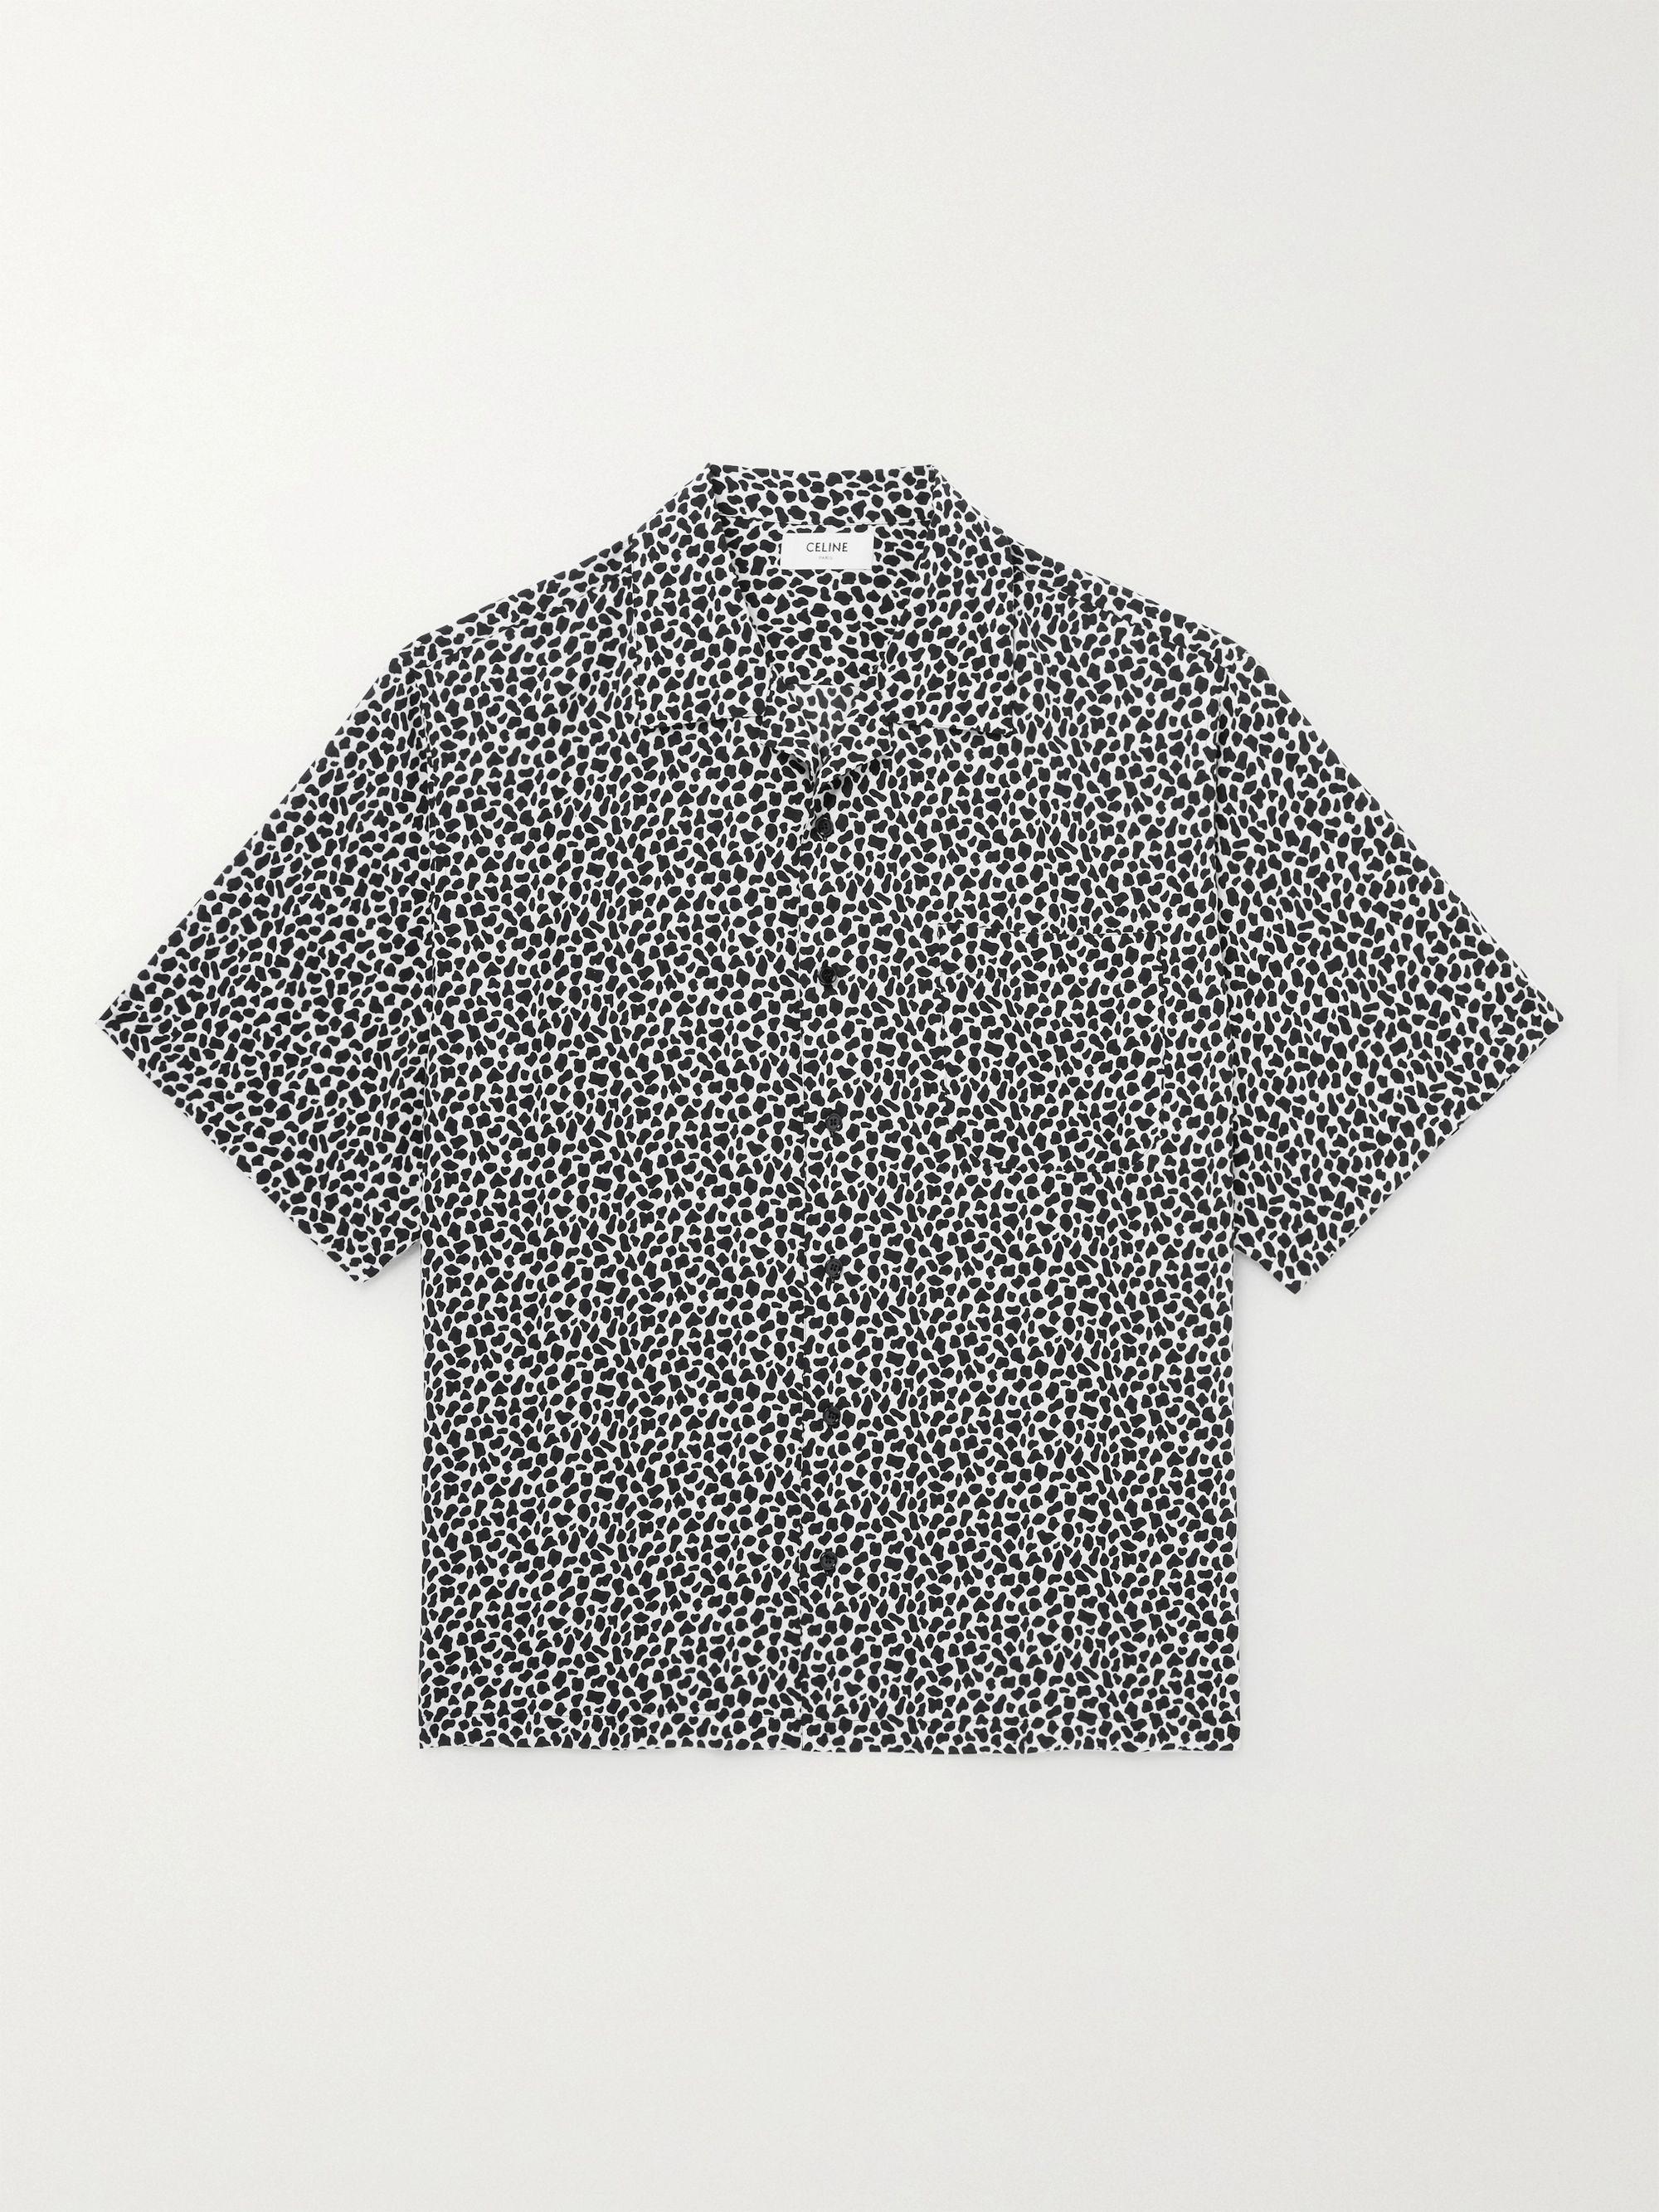 셀린느 옴므 CELINE HOMME Camp-Collar Printed Woven Shirt,Black